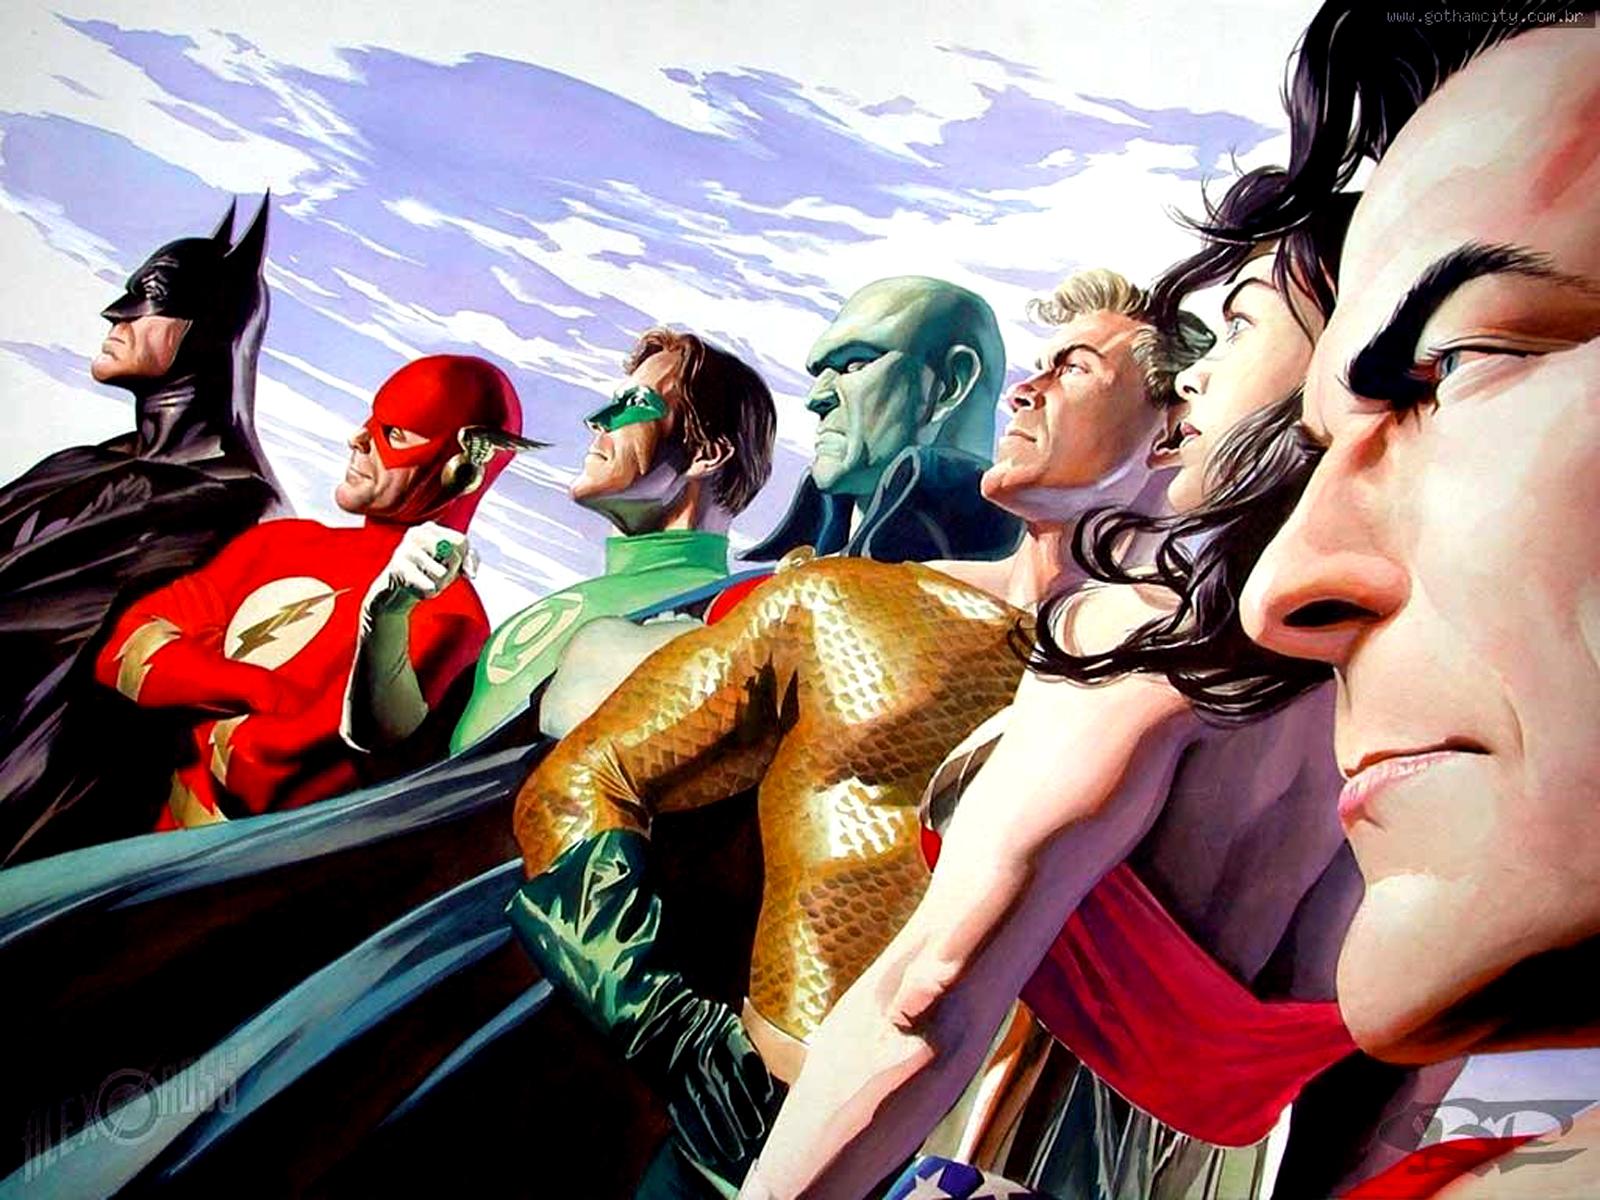 Download DC Comics All Characters HD Desktop WallpapersHigh 1600x1200